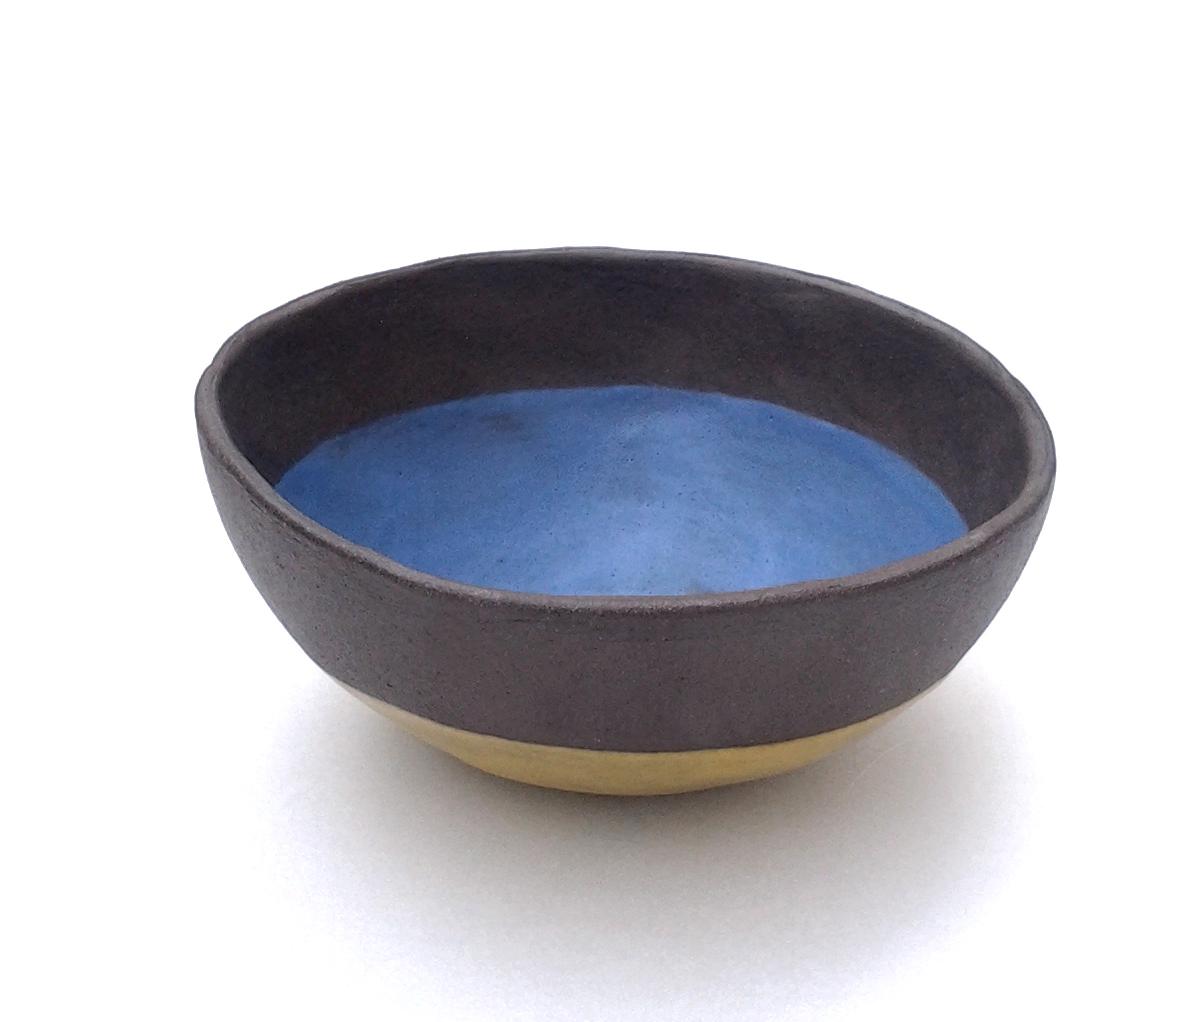 bowl 10-25-14 website b:y.jpg